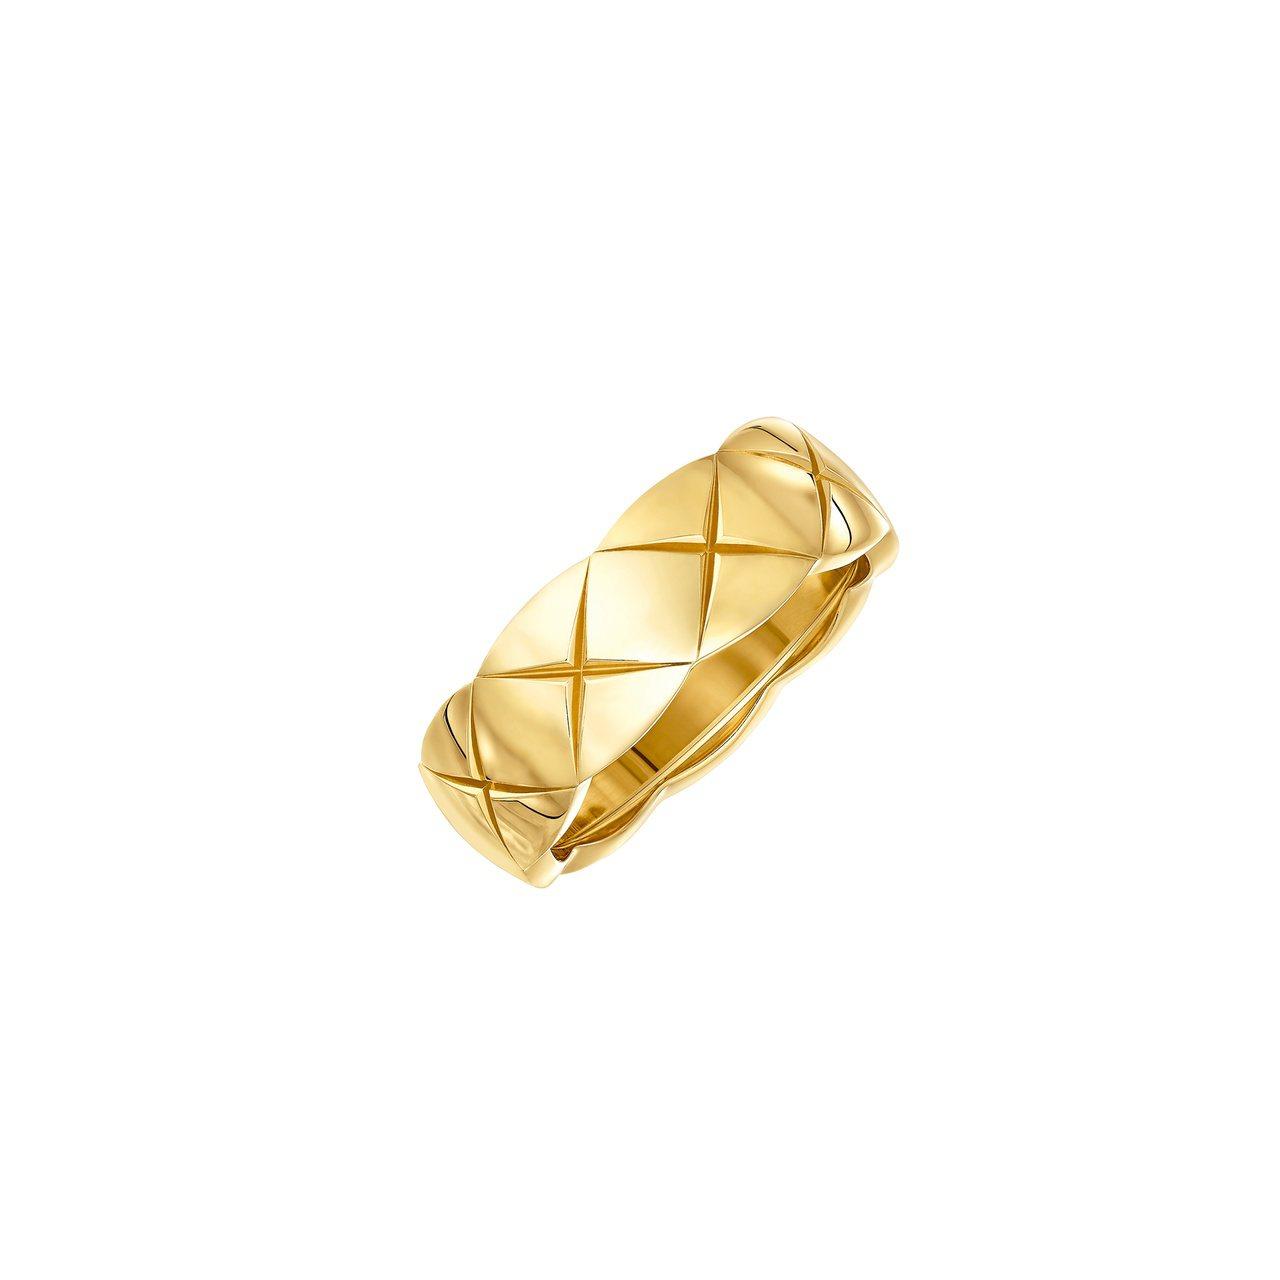 Coco Crush 18K黃金戒指小型款,76,000。圖/香奈兒提供